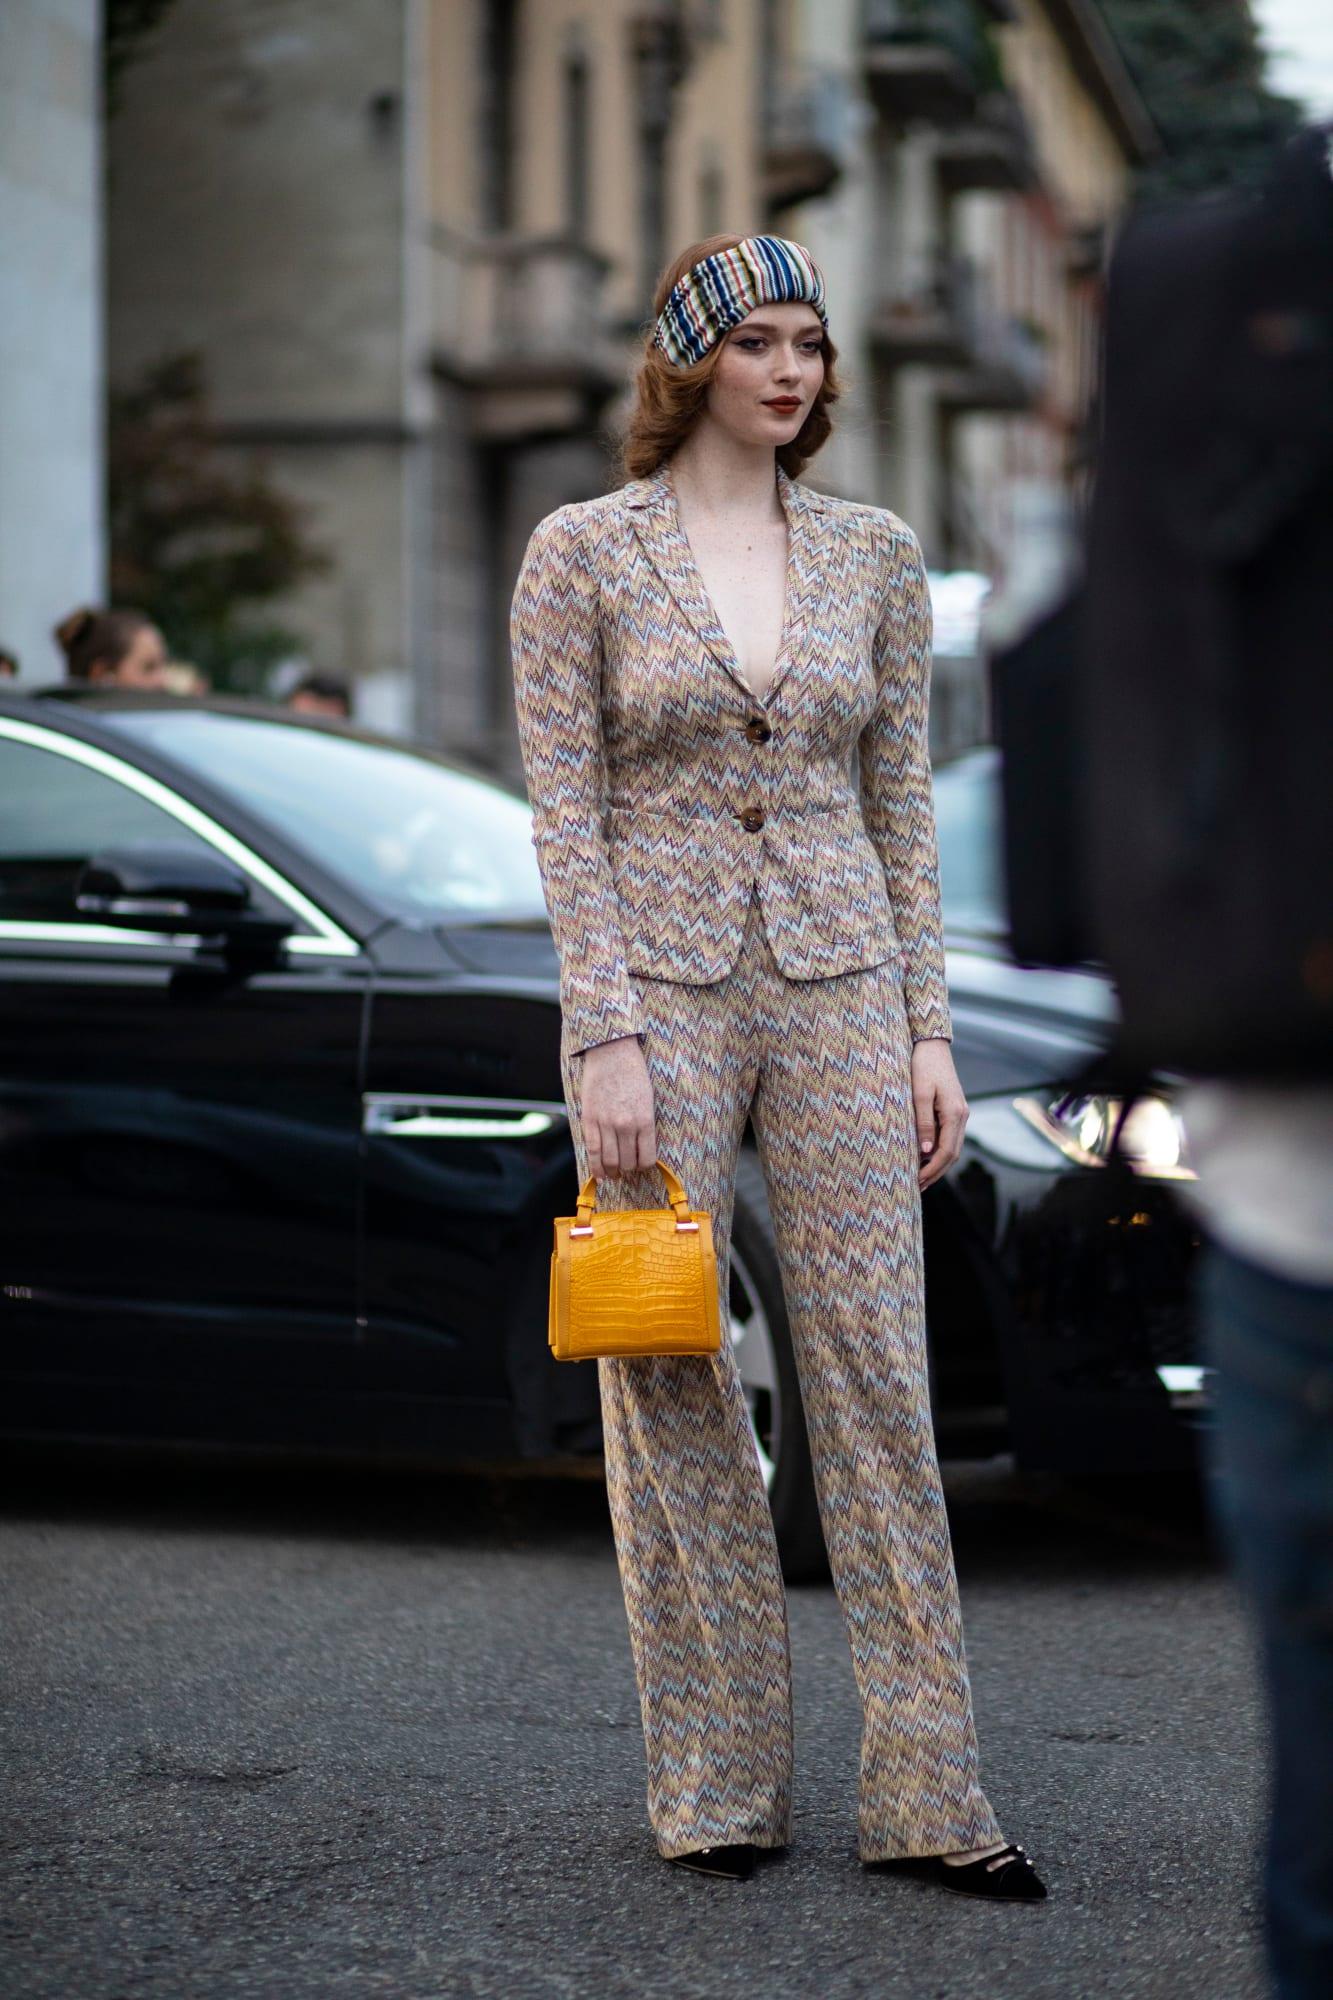 Hoạ tiết của phụ kiện tóc và trang phục hoà hợp về màu sắc - tuần lễ thời trang milan xuân - hè 2020